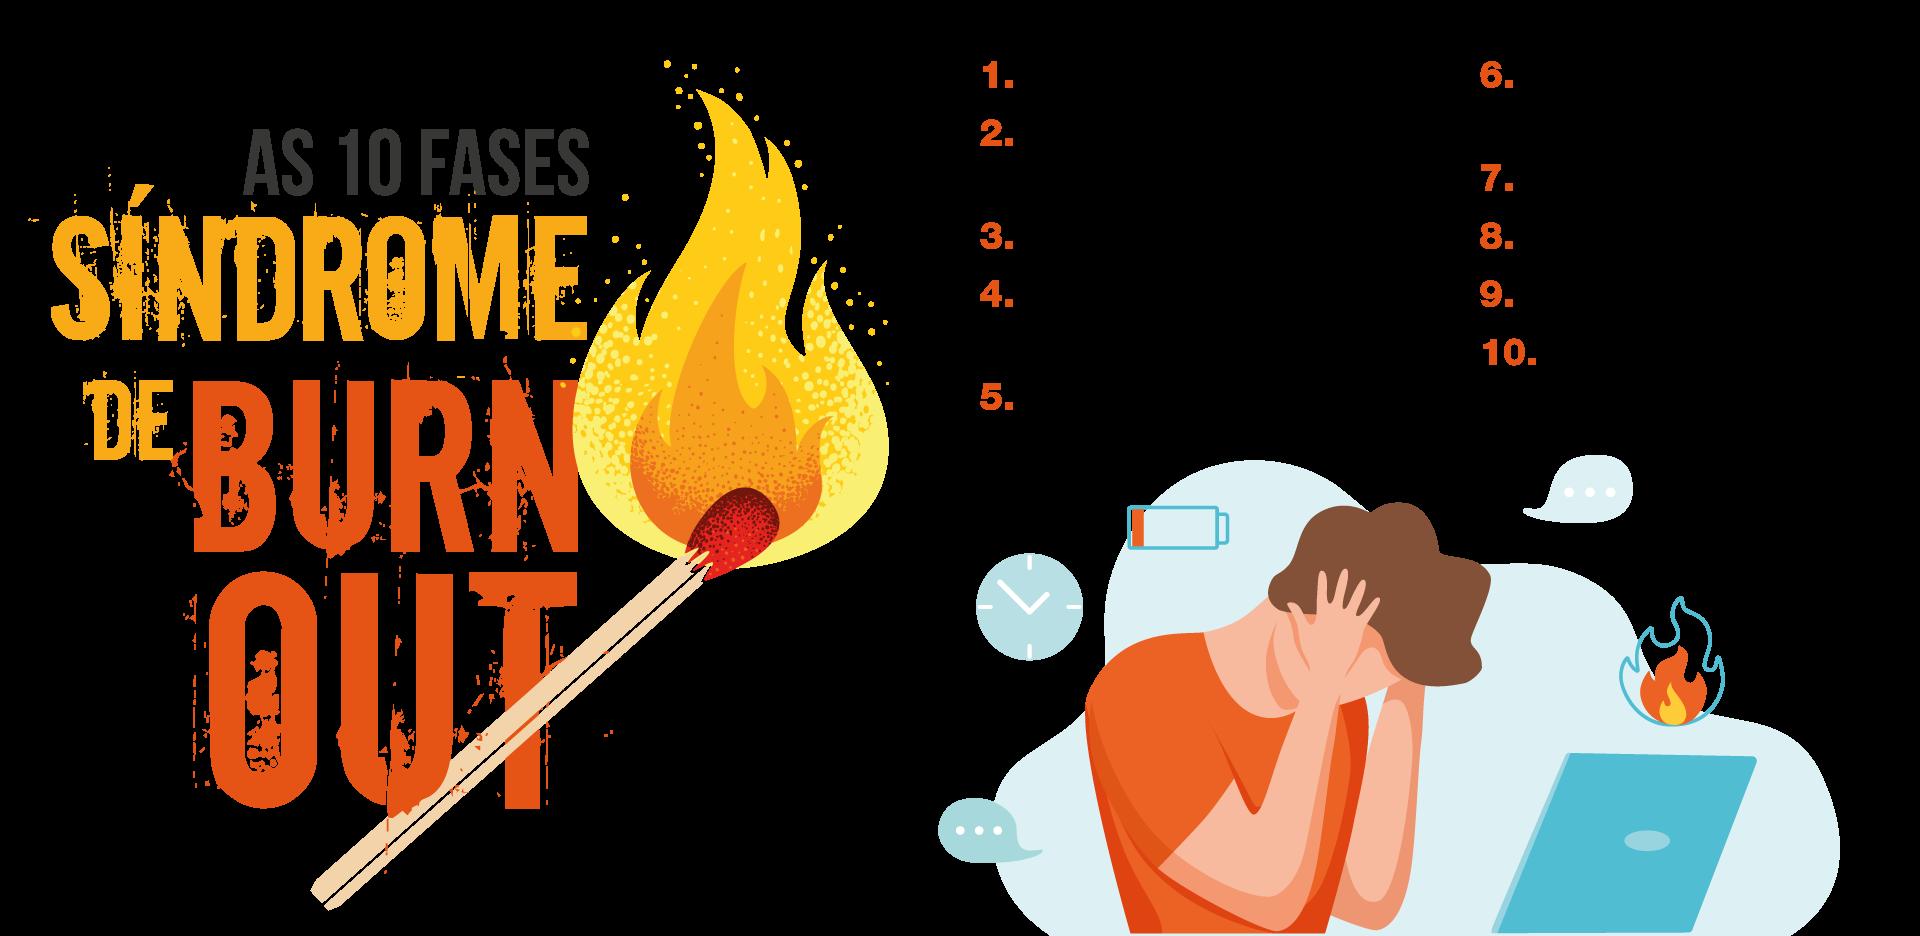 Síndrome de Burnout entra na lista de doenças da OMS